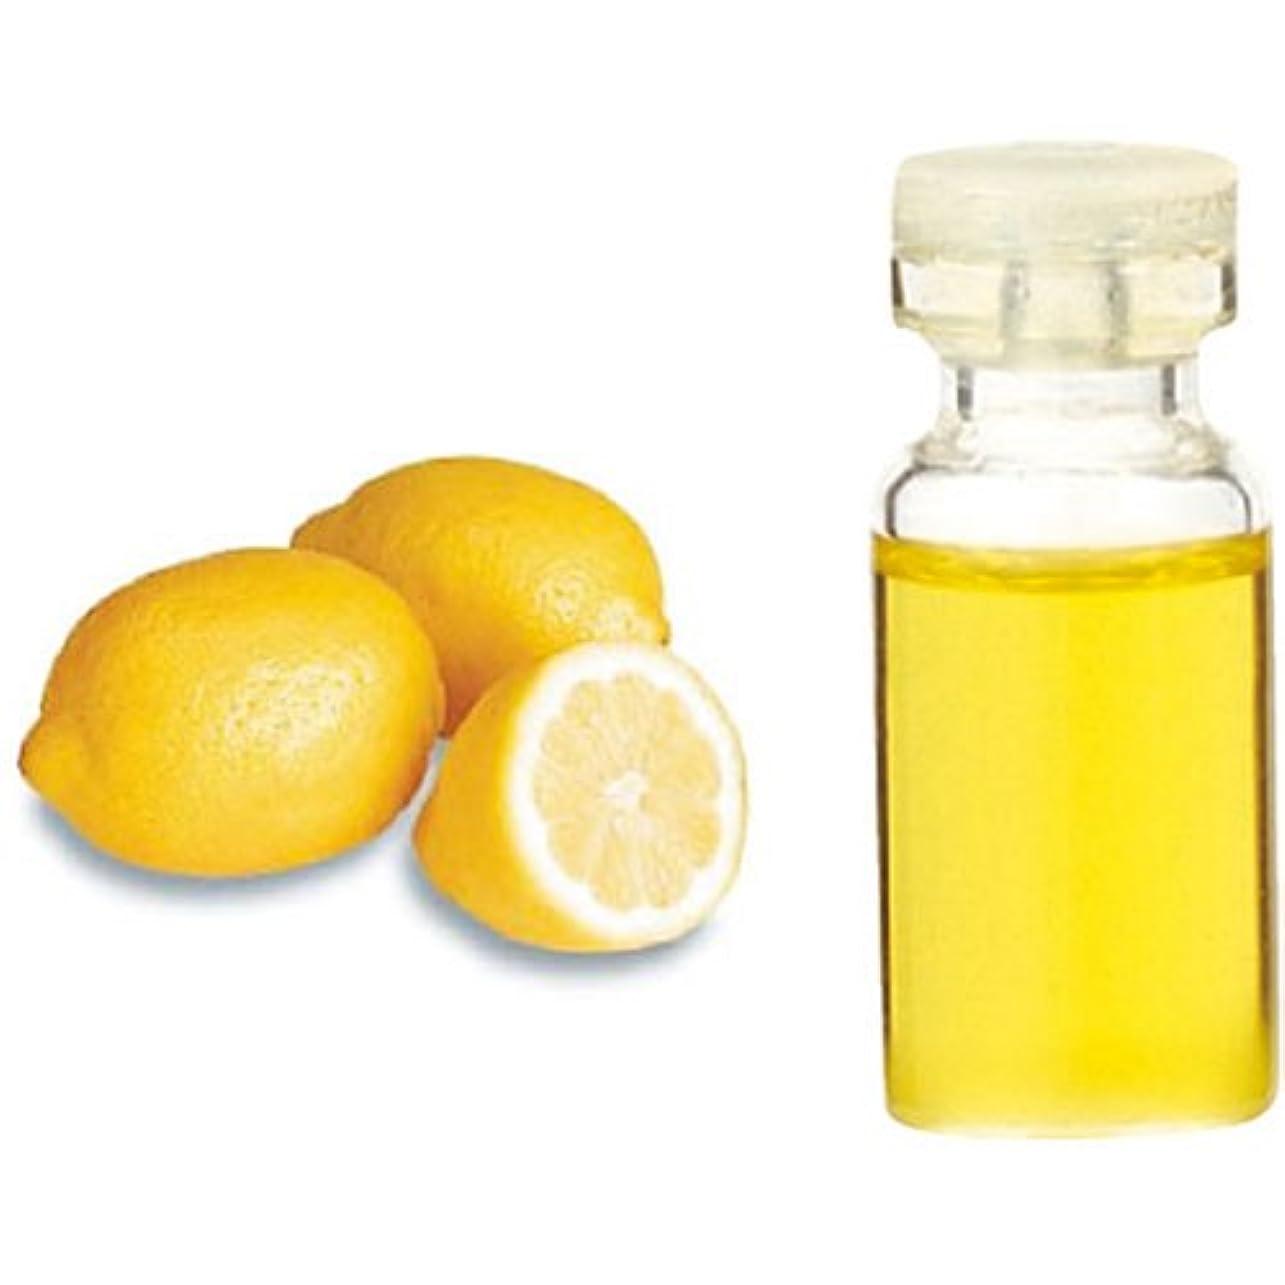 とんでもない石膏うん生活の木 C レモン エッセンシャルオイル 10ml